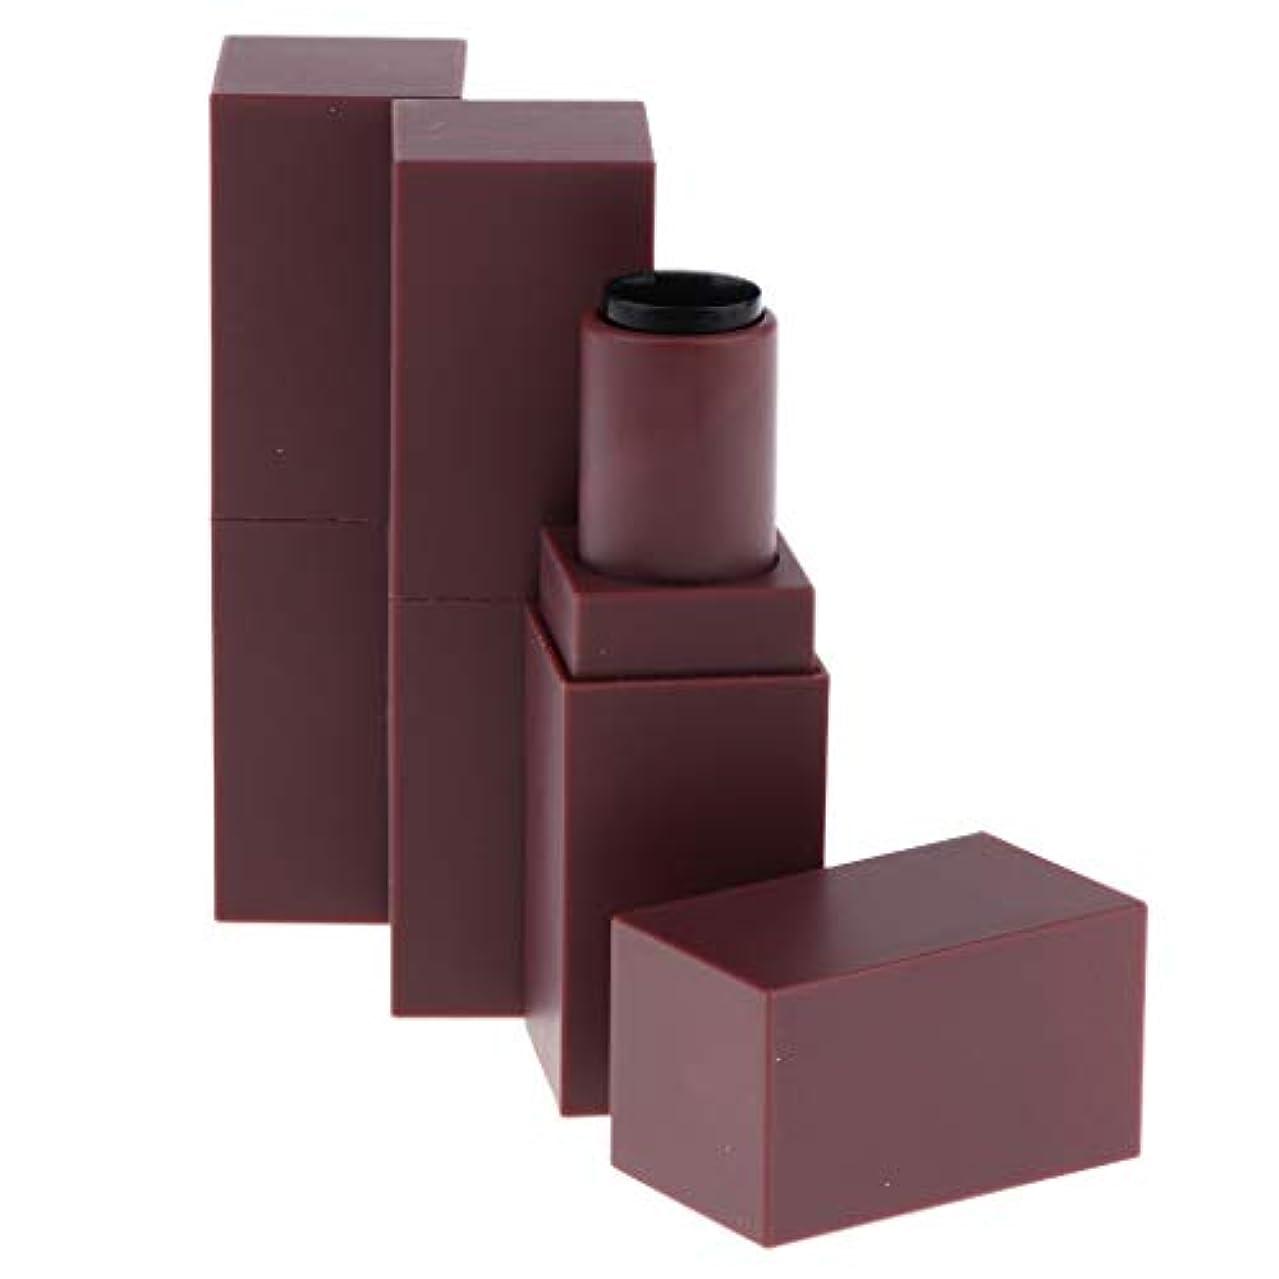 廃棄振幅著作権DYNWAVE 12.1ミリメートル空の手作り口紅チューブリップクリームボトルコンテナ - 褐色